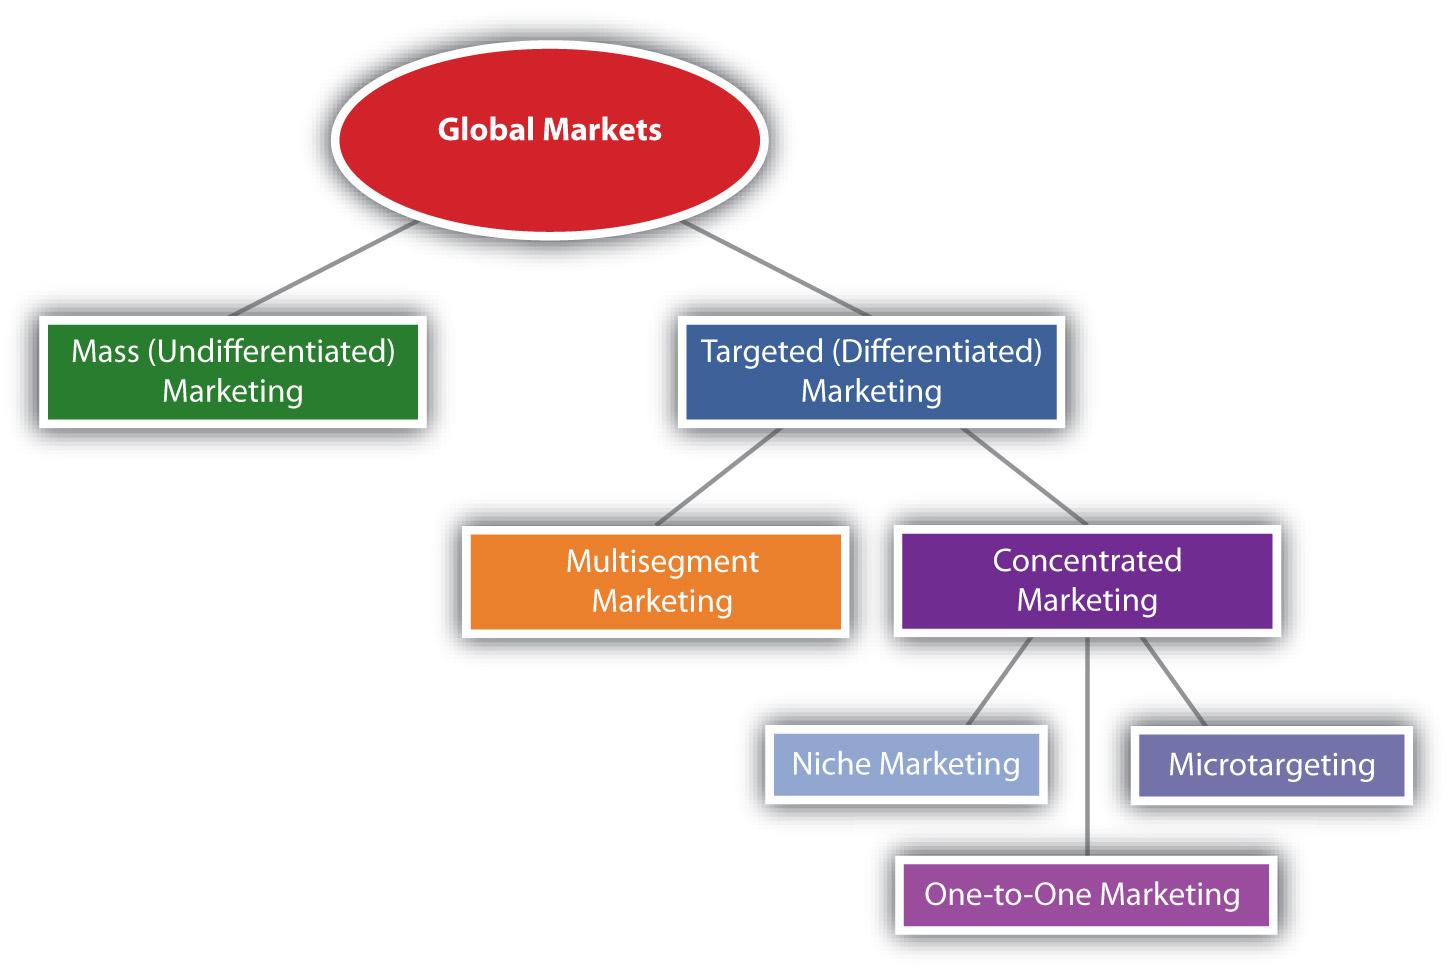 Targeting strategies used in global markets